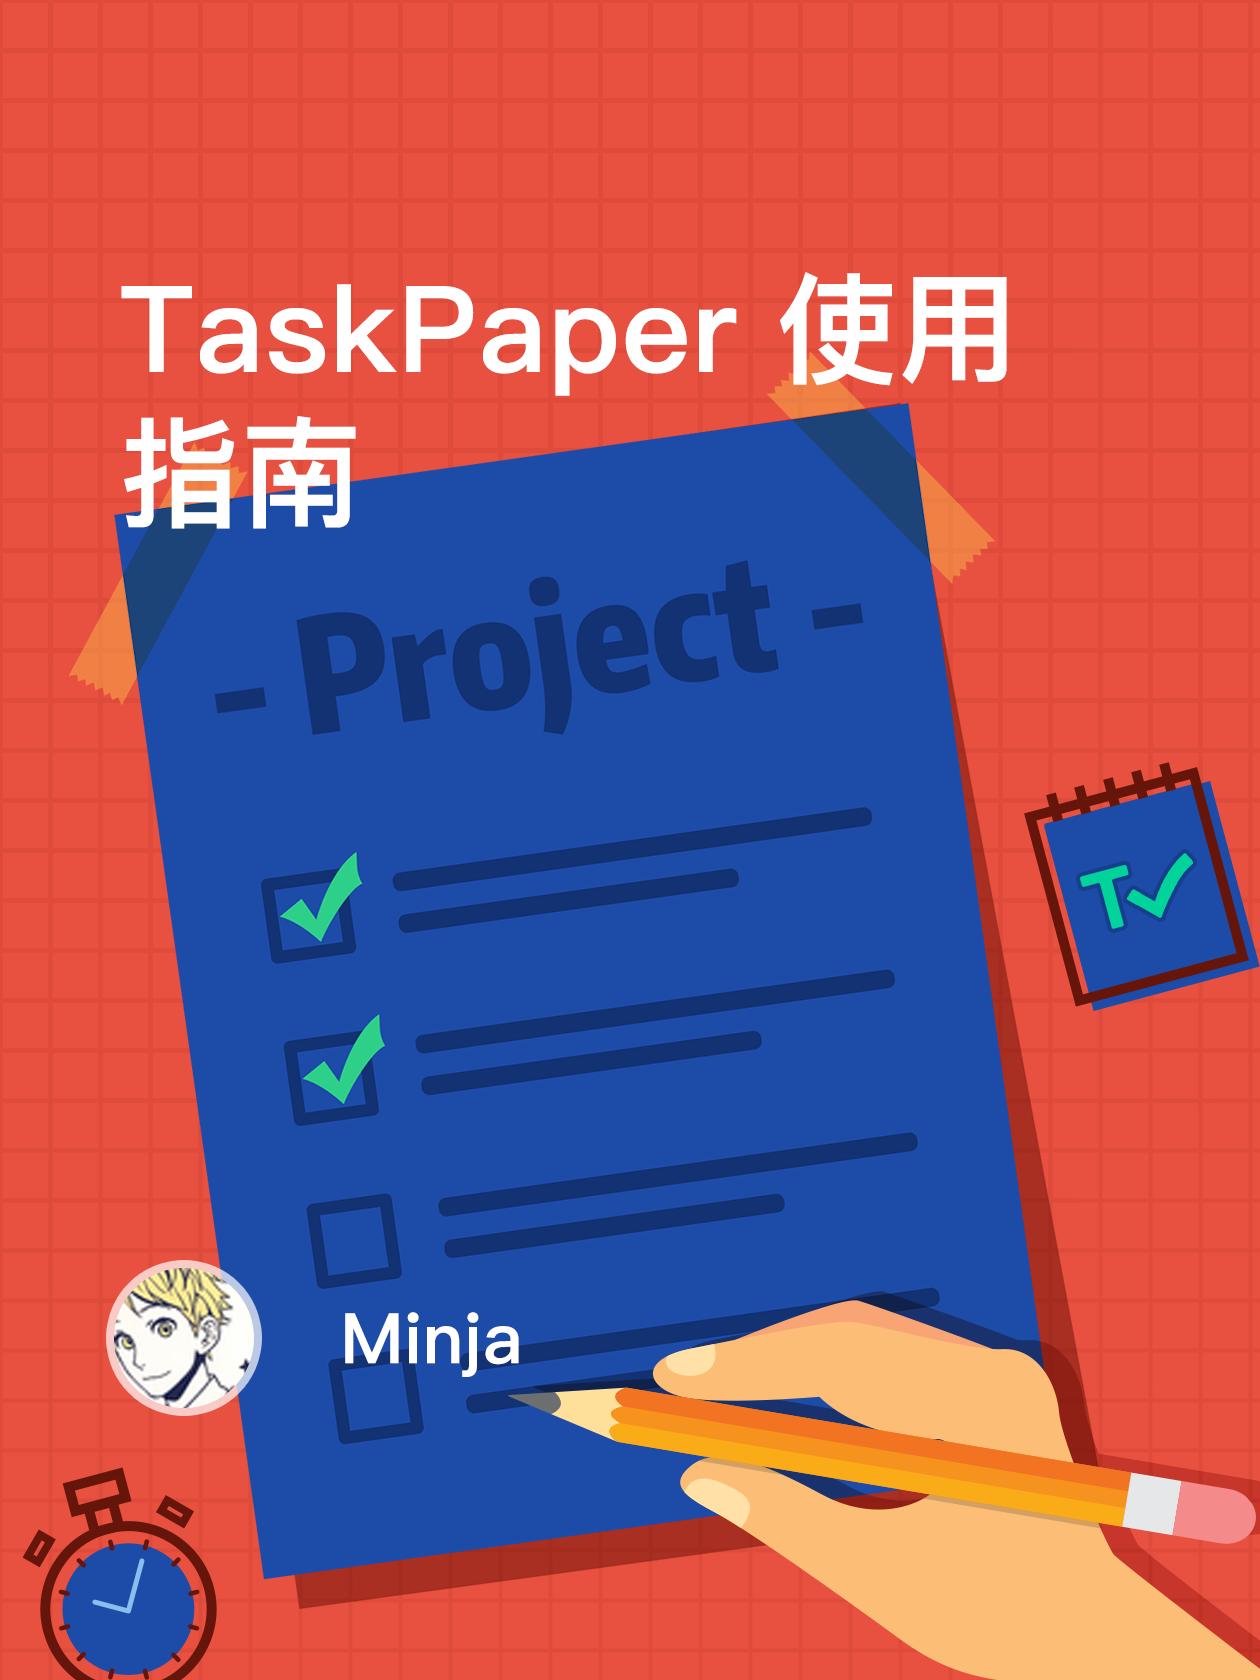 TaskPaper 使用指南